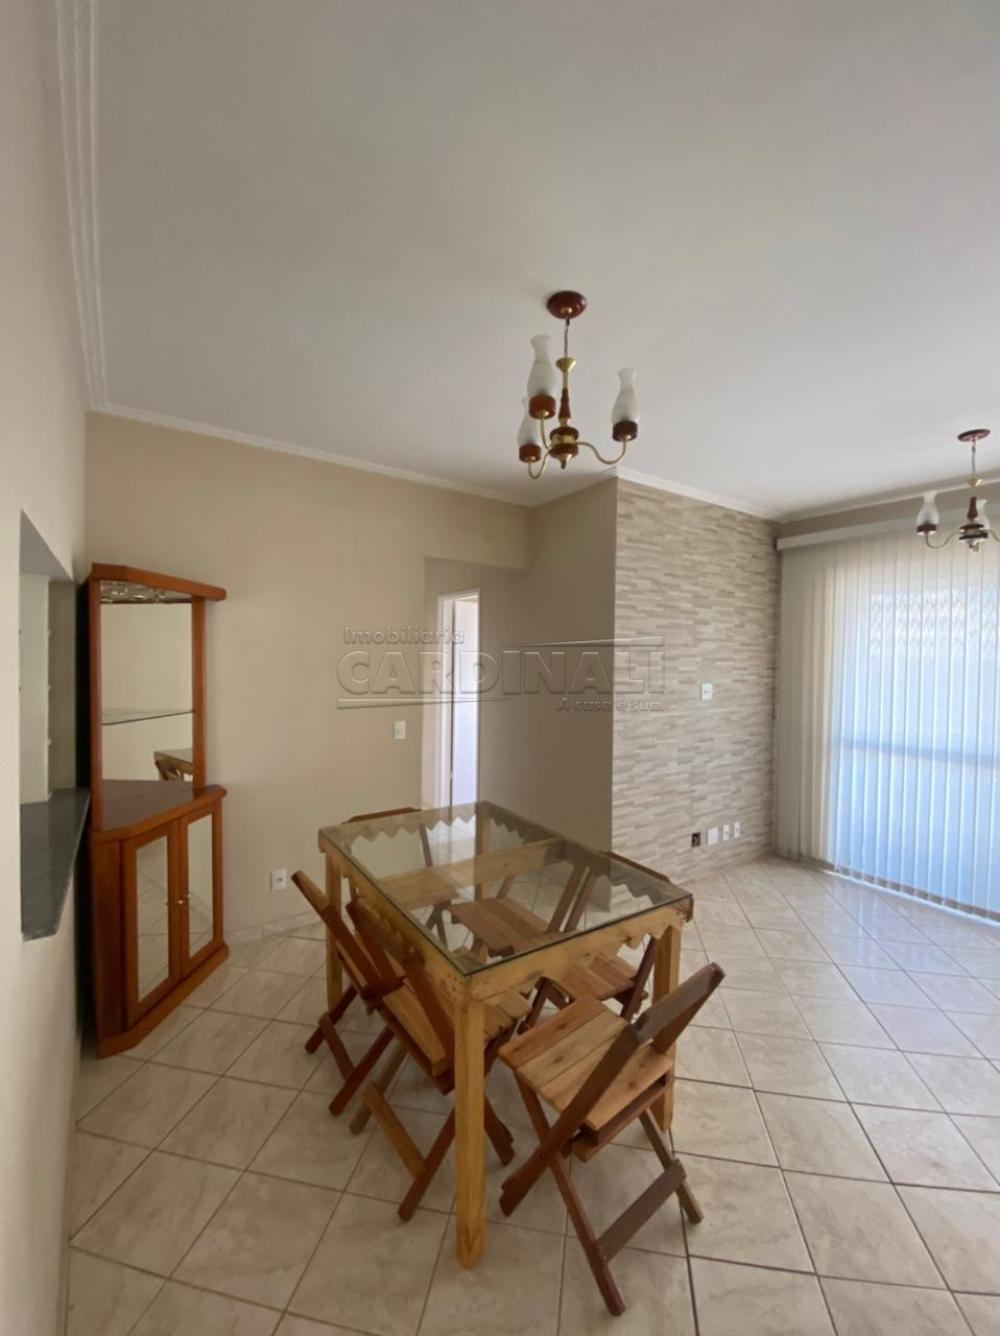 Alugar Apartamento / Padrão em São Carlos R$ 1.667,00 - Foto 2